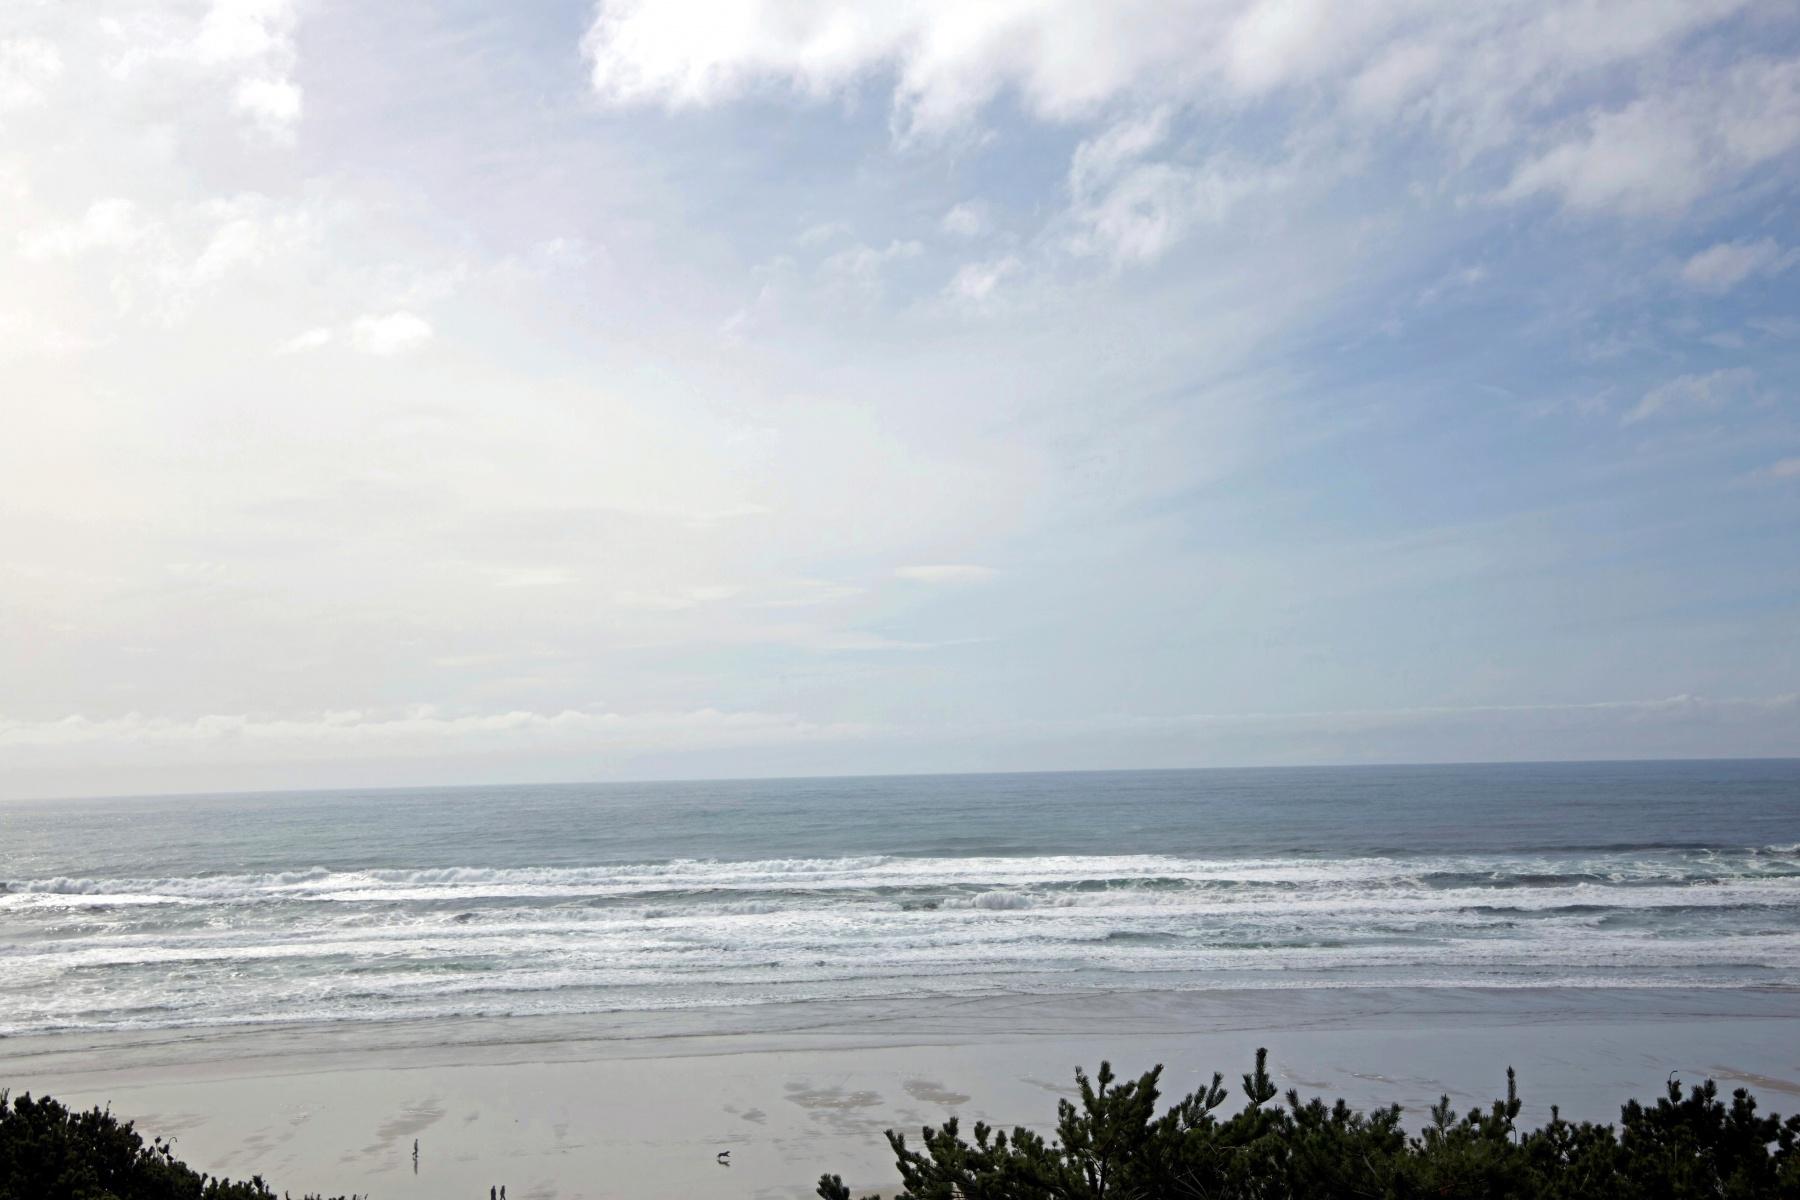 Land for Sale at N N Ocean RD, MANZANITA, OR Manzanita, Oregon, 97130 United States